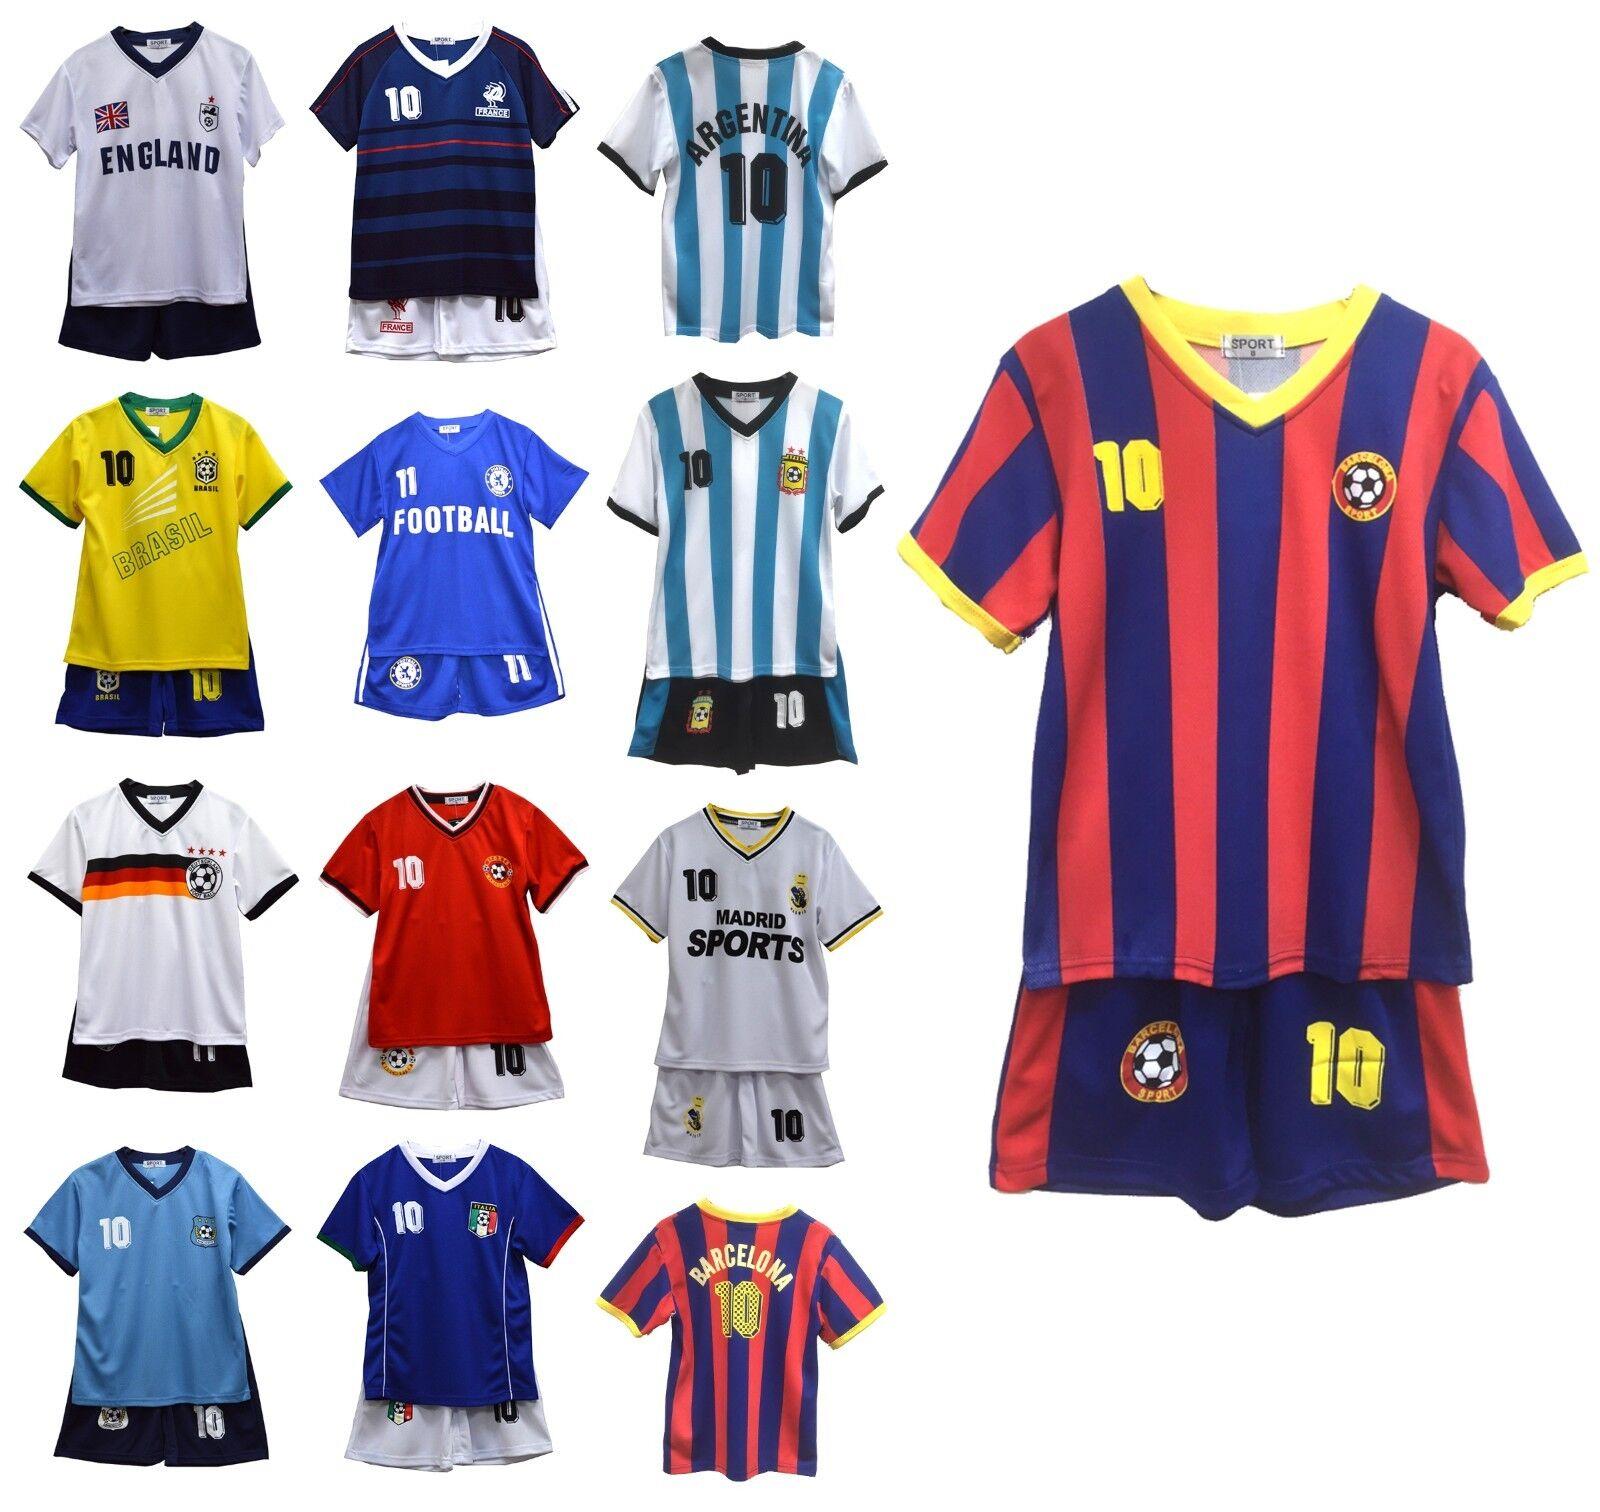 Kinder Jungen Fußball Top und Short Set T-Shirt und Shorts Outfit Alter 2-13 Jah